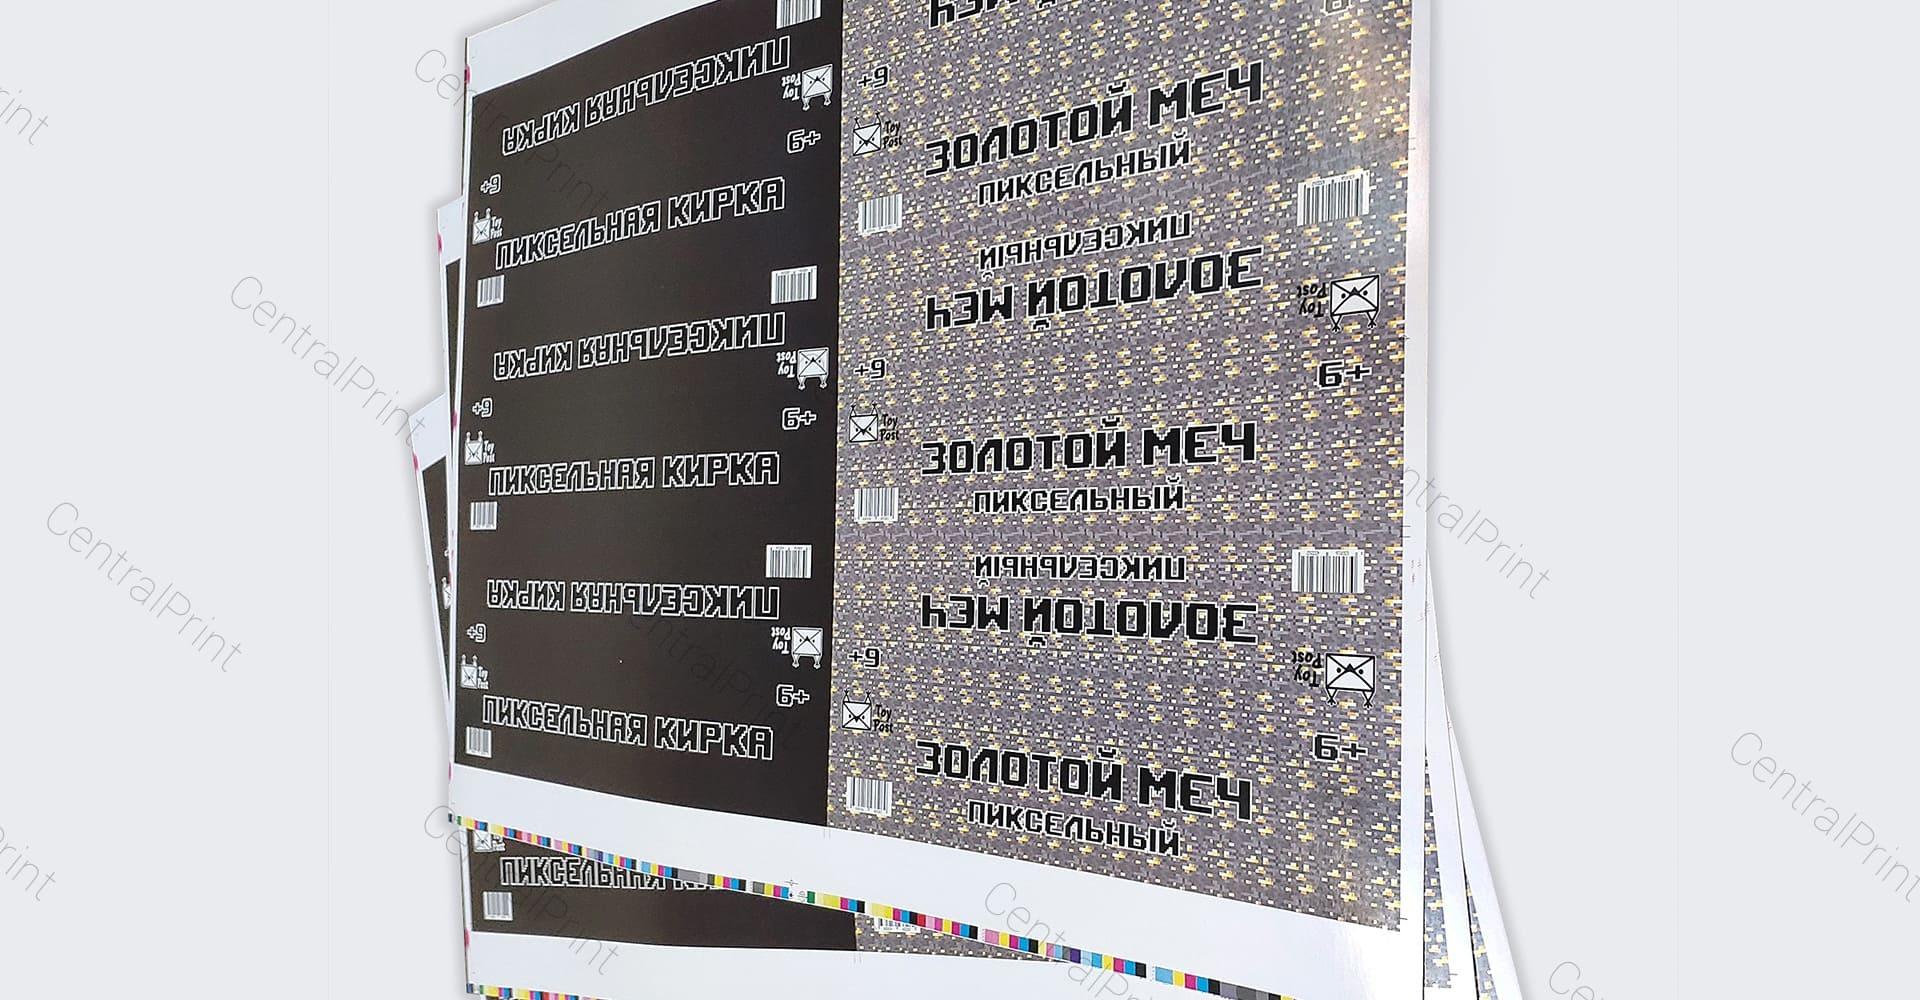 Печать плакатов в очень быстрые сроки и по доступным ценам